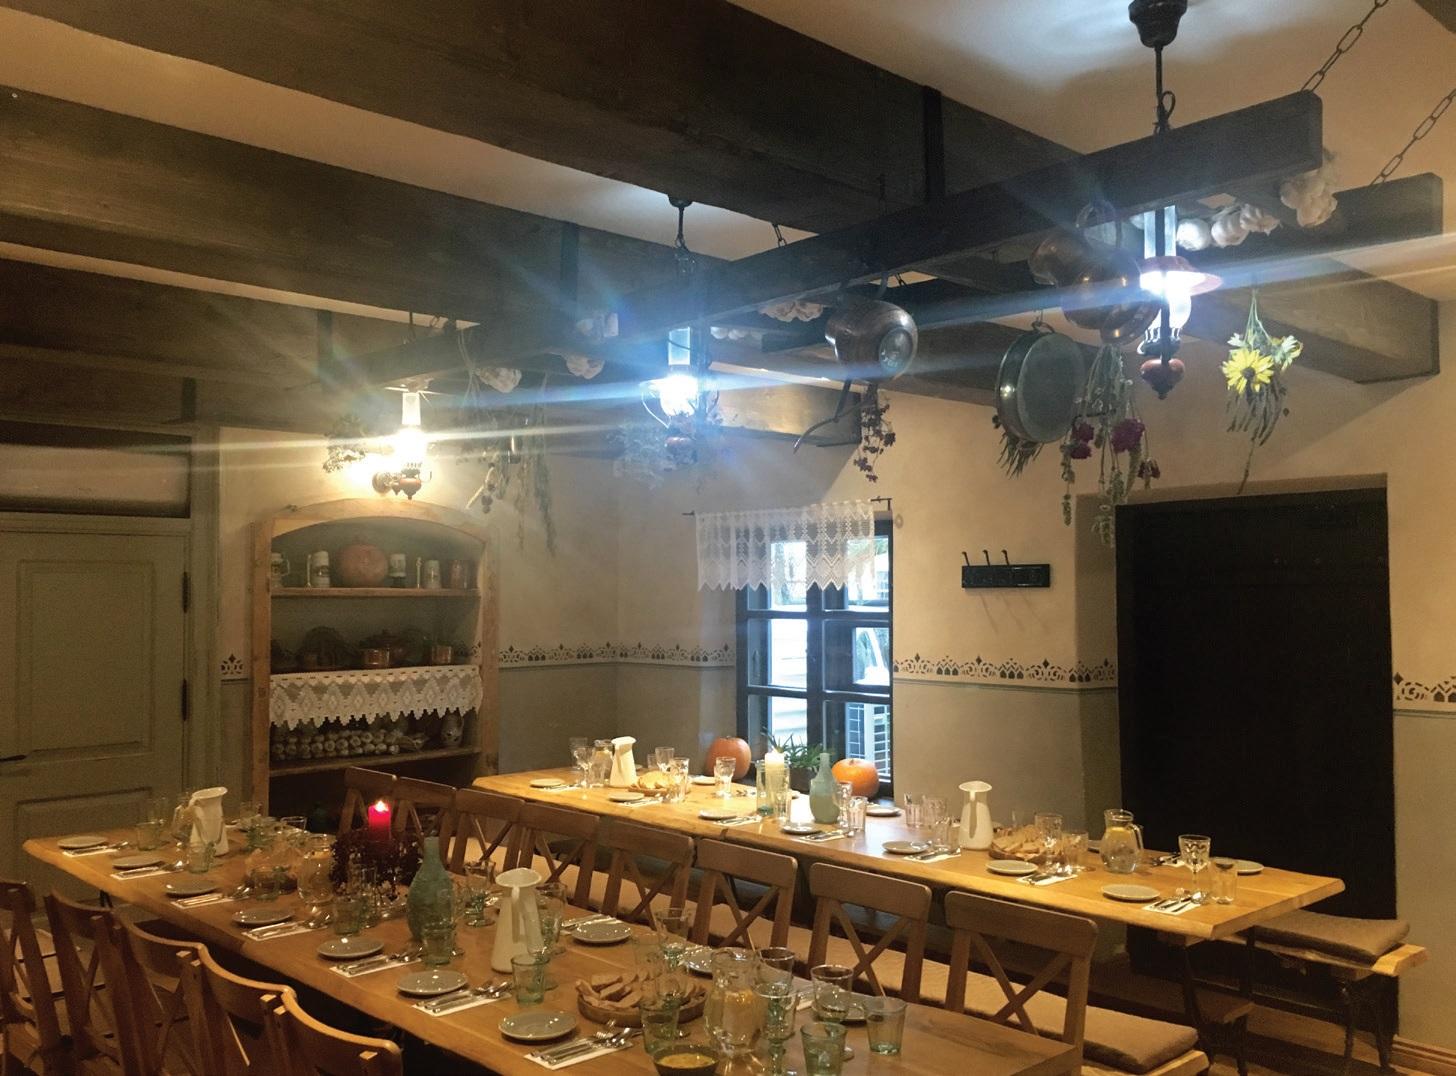 """Zyplių dvaro restoranas """"Kuchmistrai"""" kviečia paskanauti vietinių ir istorinių bajoriškų patiekalų"""